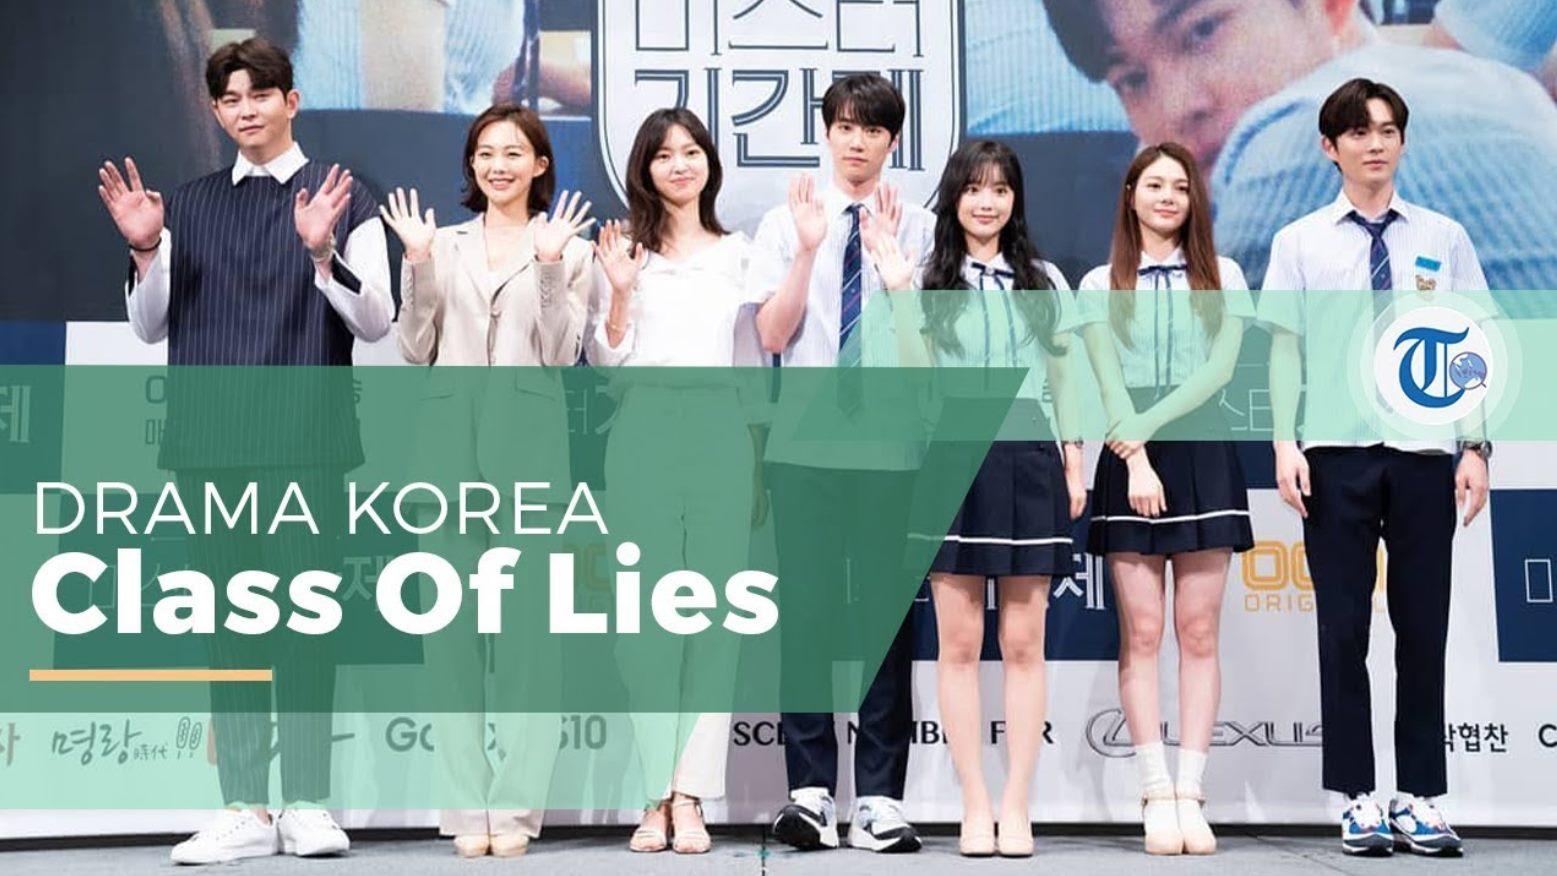 Sinopsis & Biodata dan Foto Pemain Drama Korea 'Class of Lies' (2019)